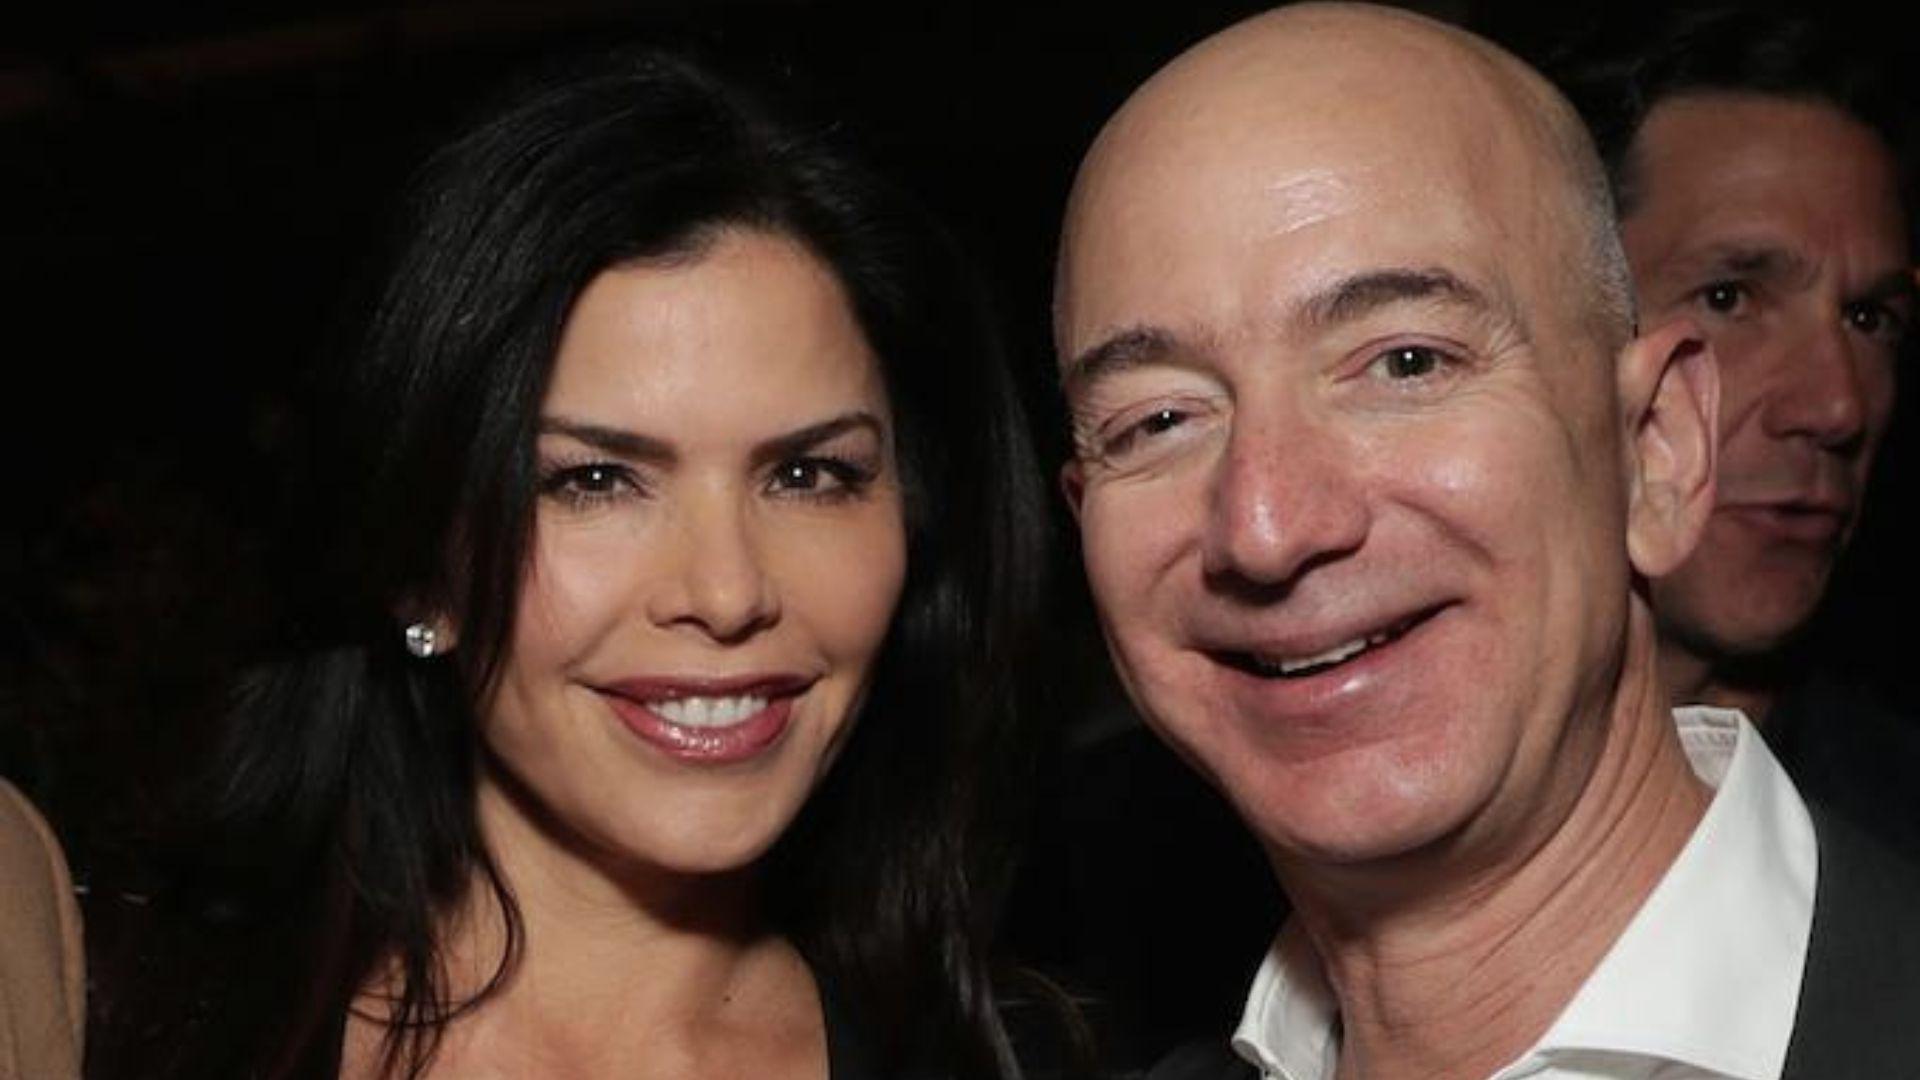 La presentadora de noticias Lauren Sanchez fue señalada como la amante de Jeff Bezos que provocó el divorcio